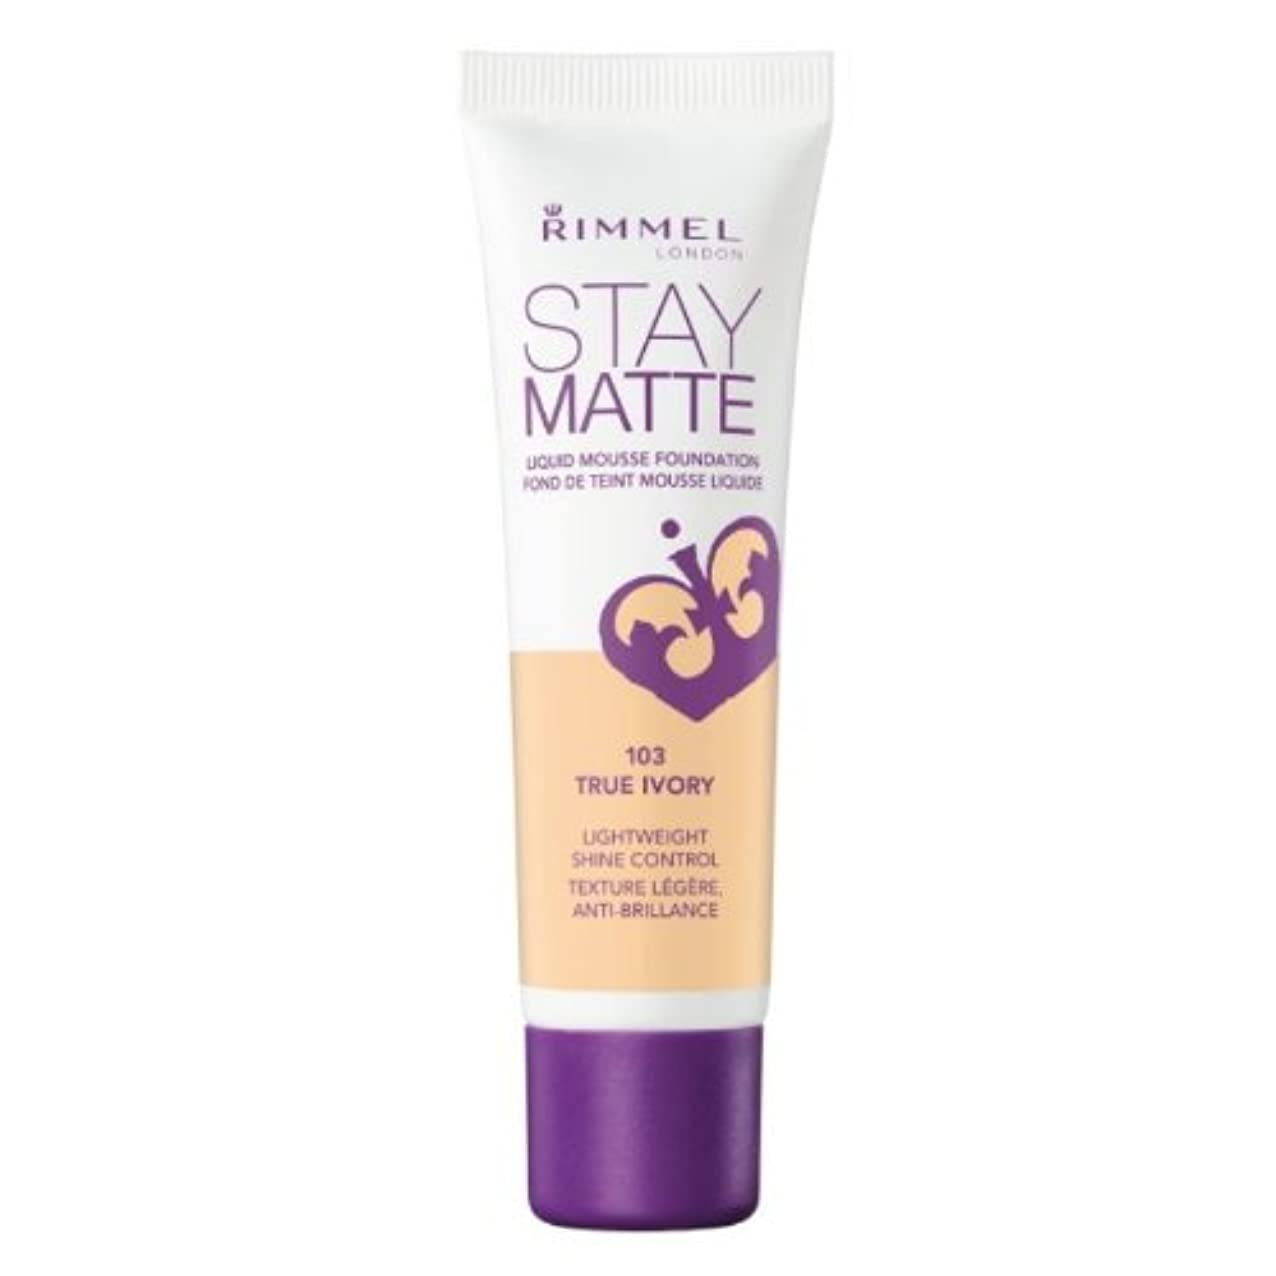 反論者バーマド吸い込むRIMMEL LONDON Stay Matte Liquid Mousse Foundation - True Ivory (並行輸入品)